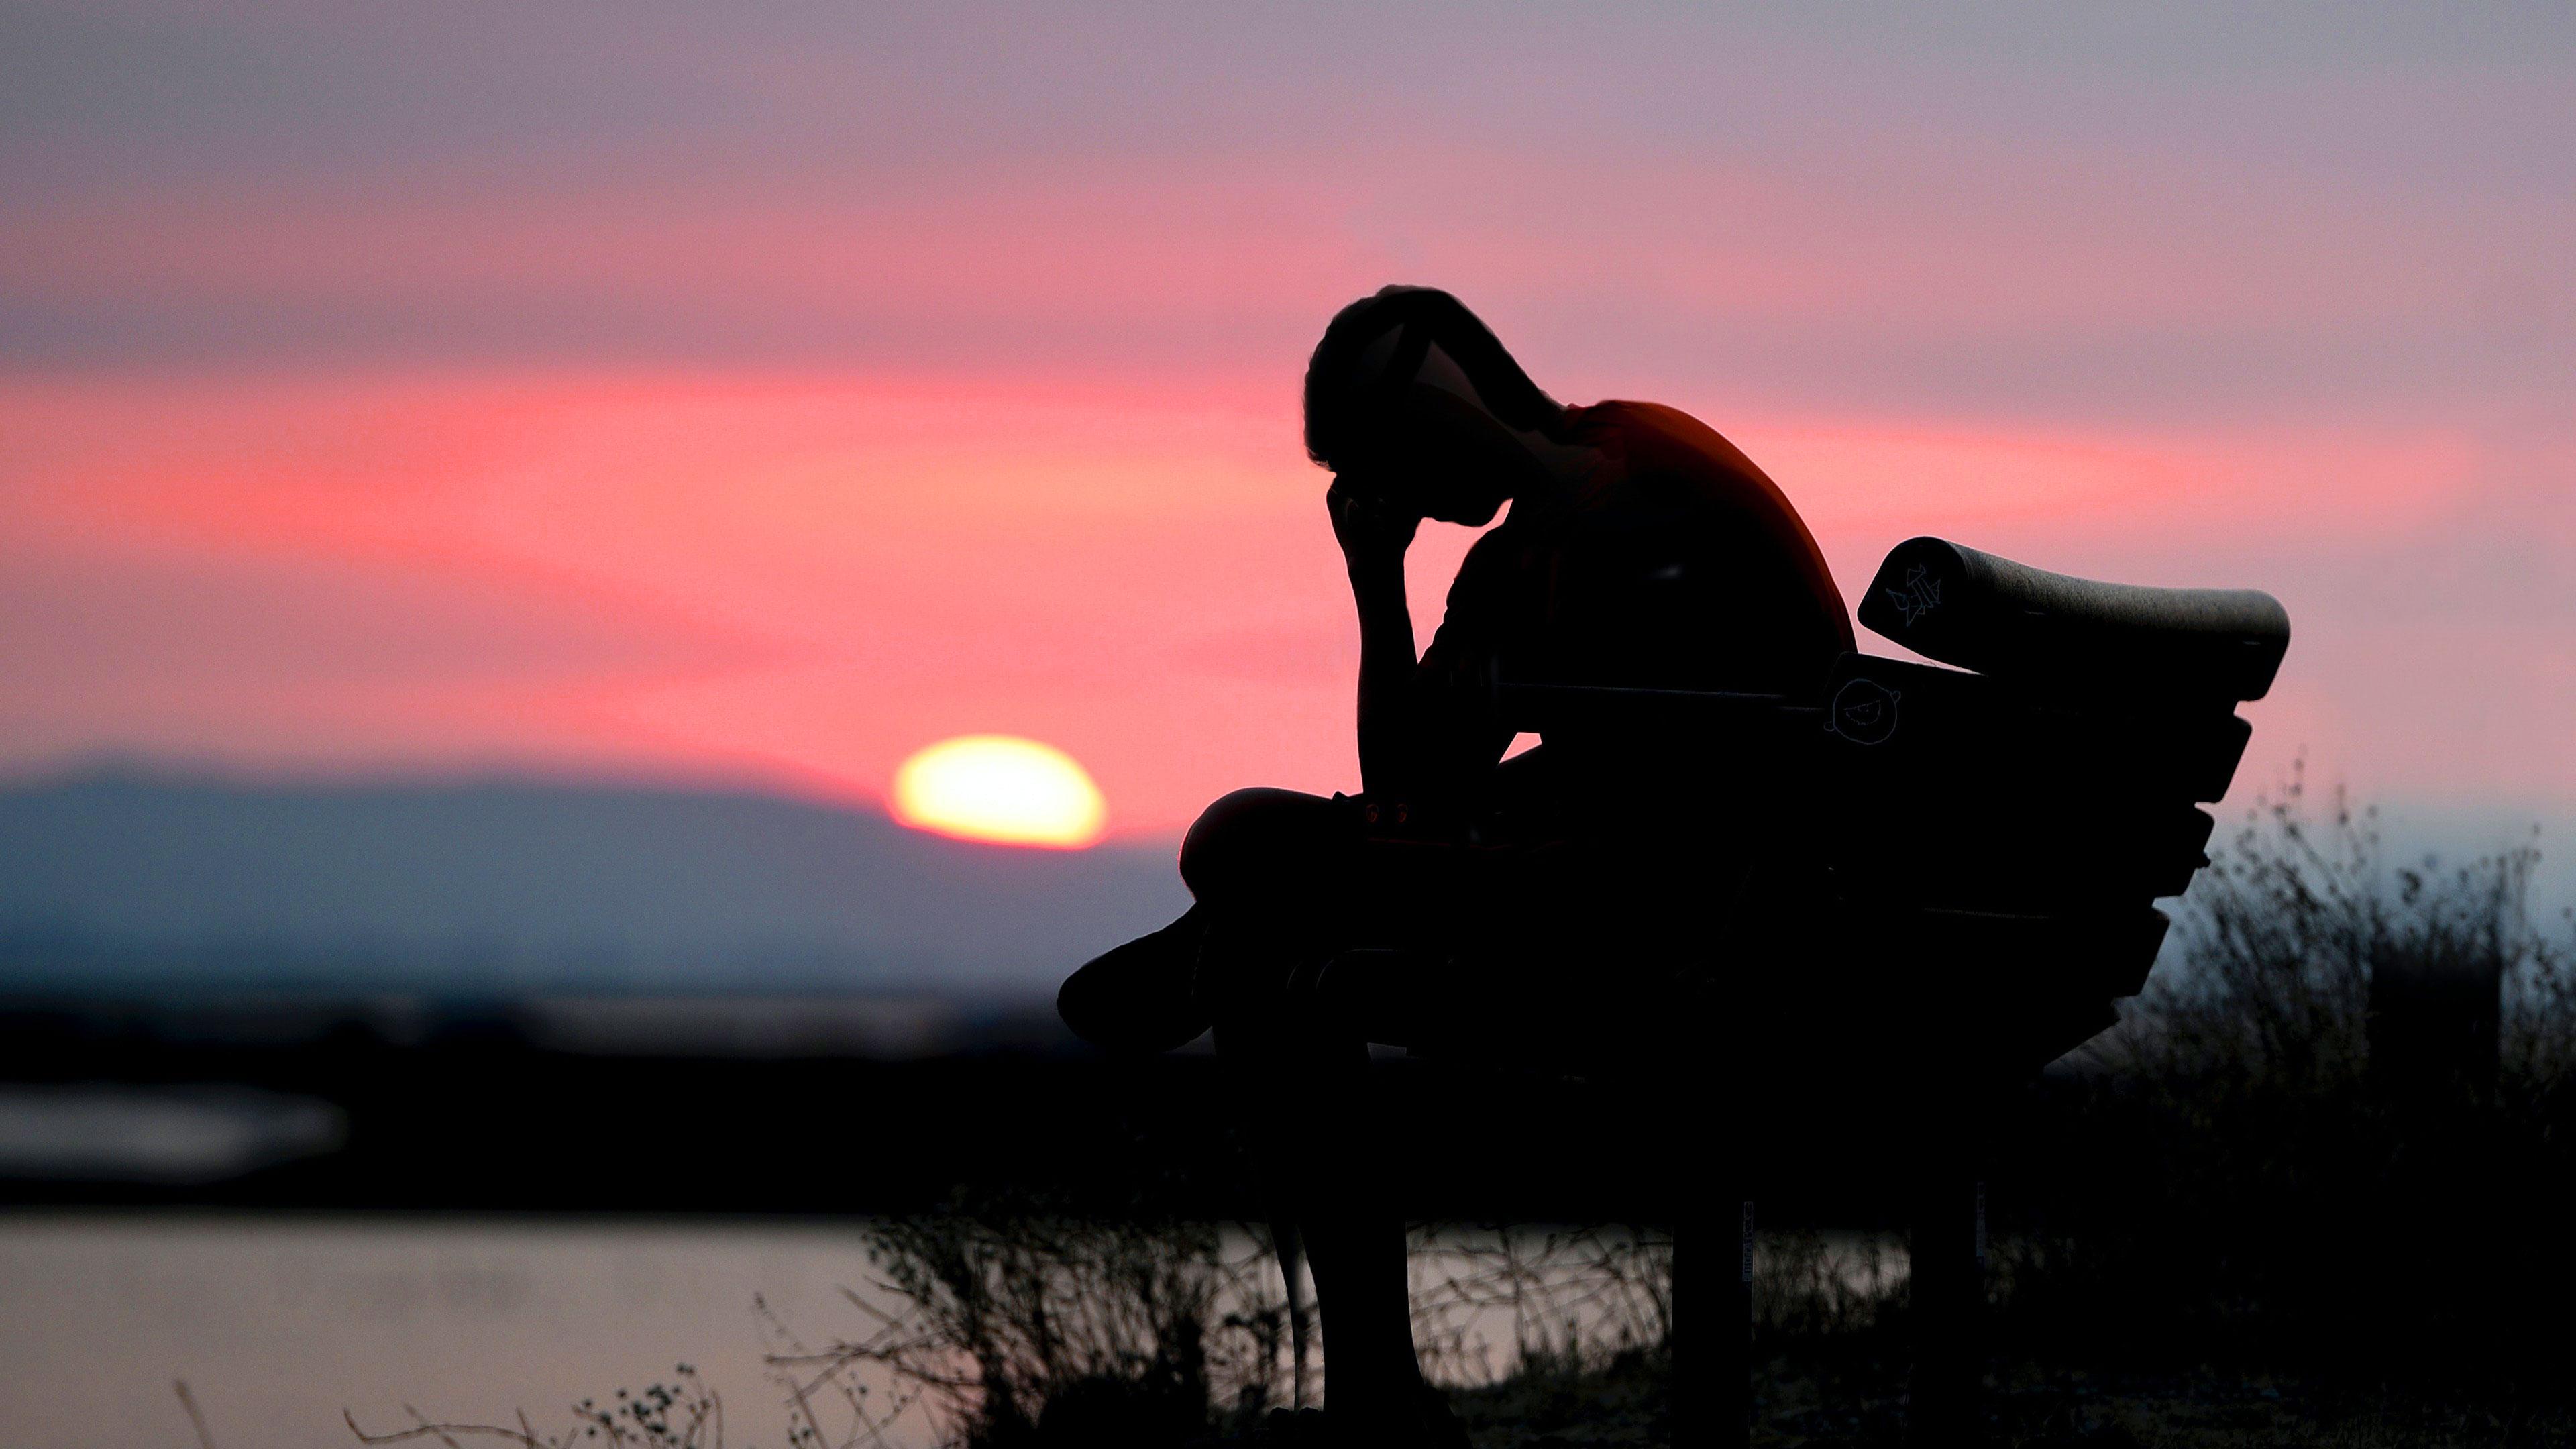 sad guy alone 4k hd 3840x2160